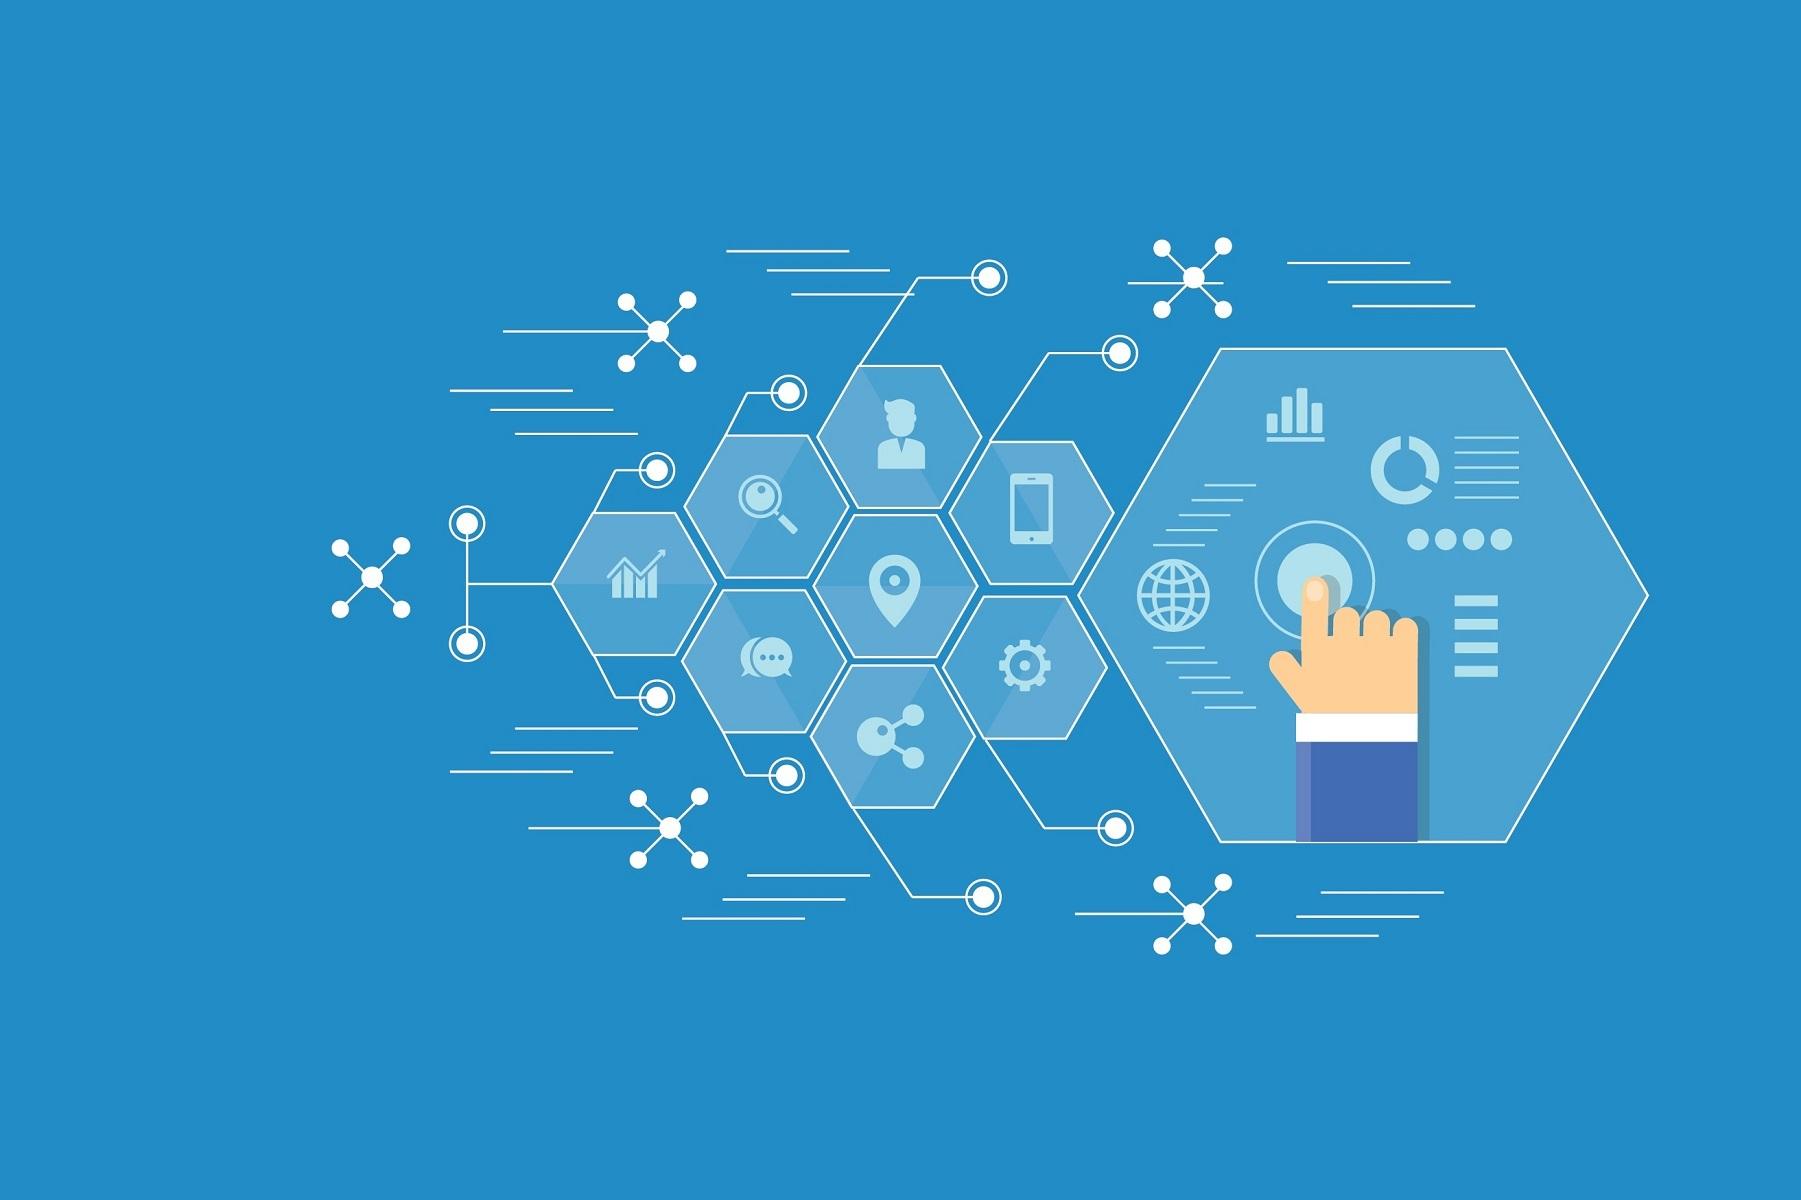 Những công nghệ thúc đẩy chuyển đổi số: AI, IoT, Big Data, Đám mây, Blockchain